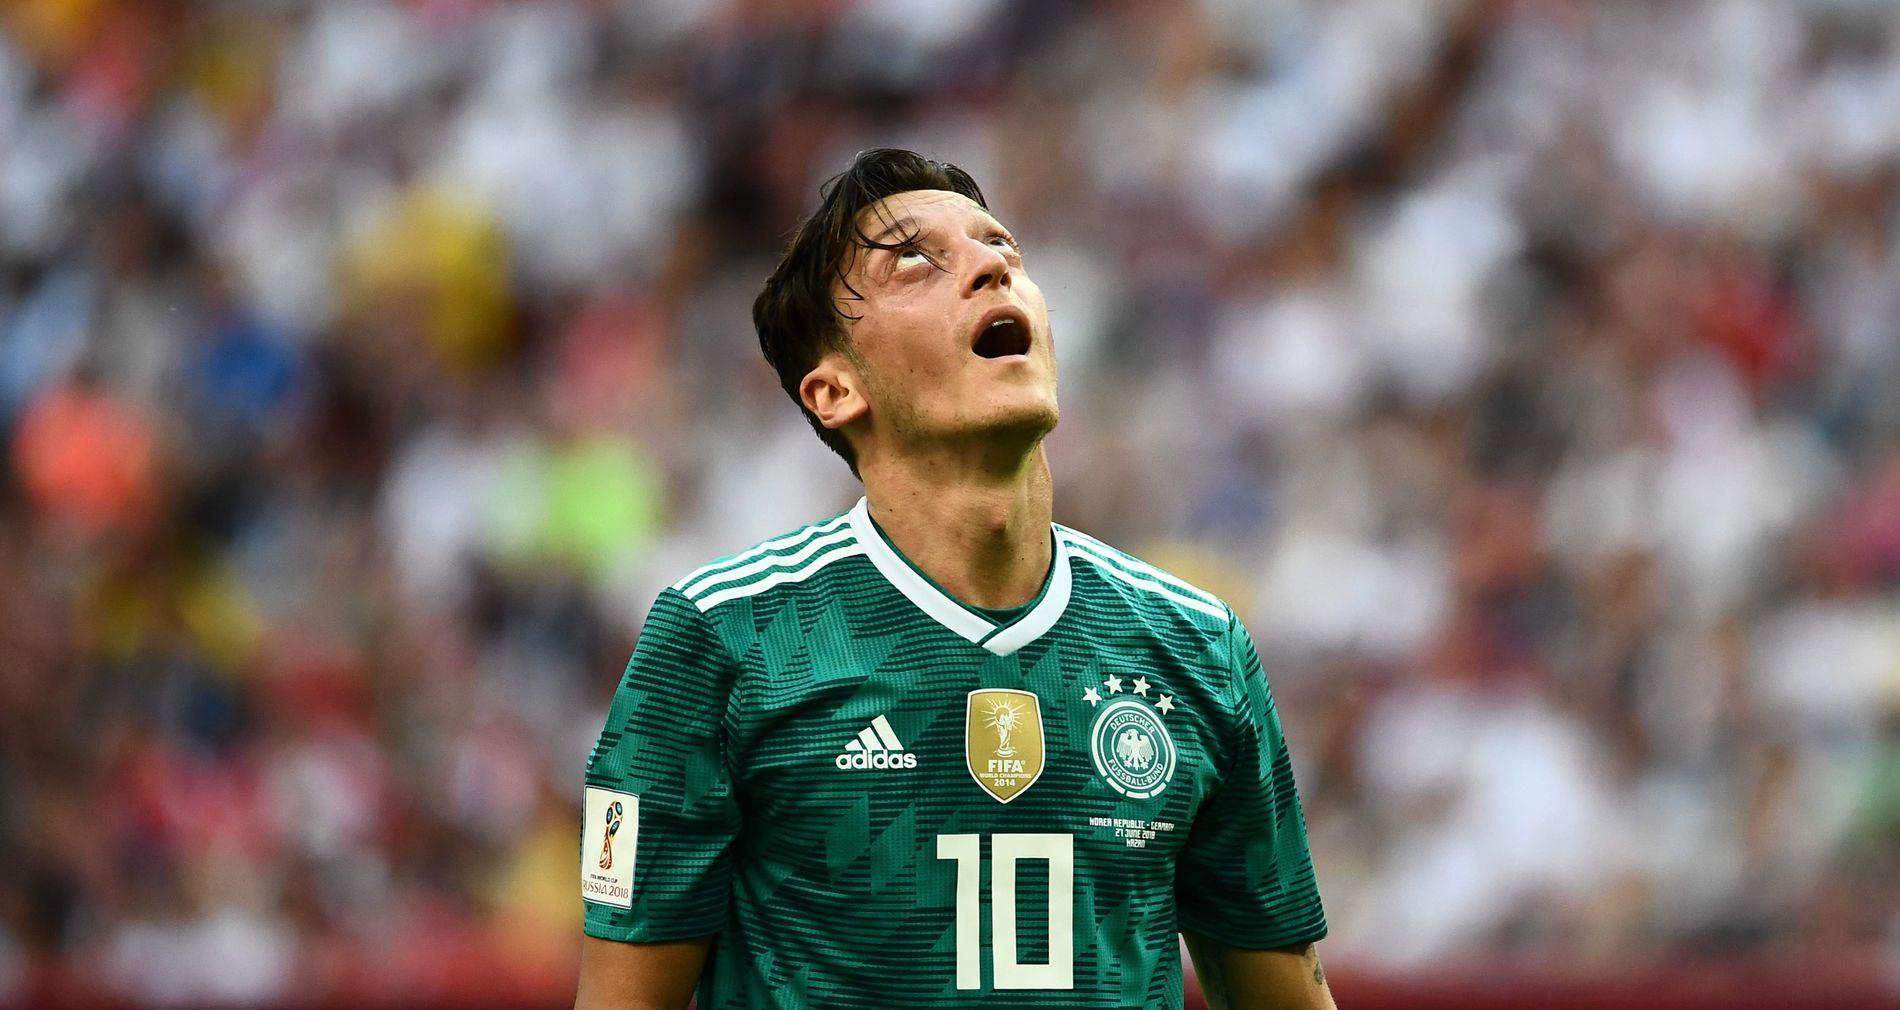 SJOKK-EXIT: Mesut Özil kunne nesten ikke tro det da Die Mannschaft røk ut av VM allerede i gruppespillet.